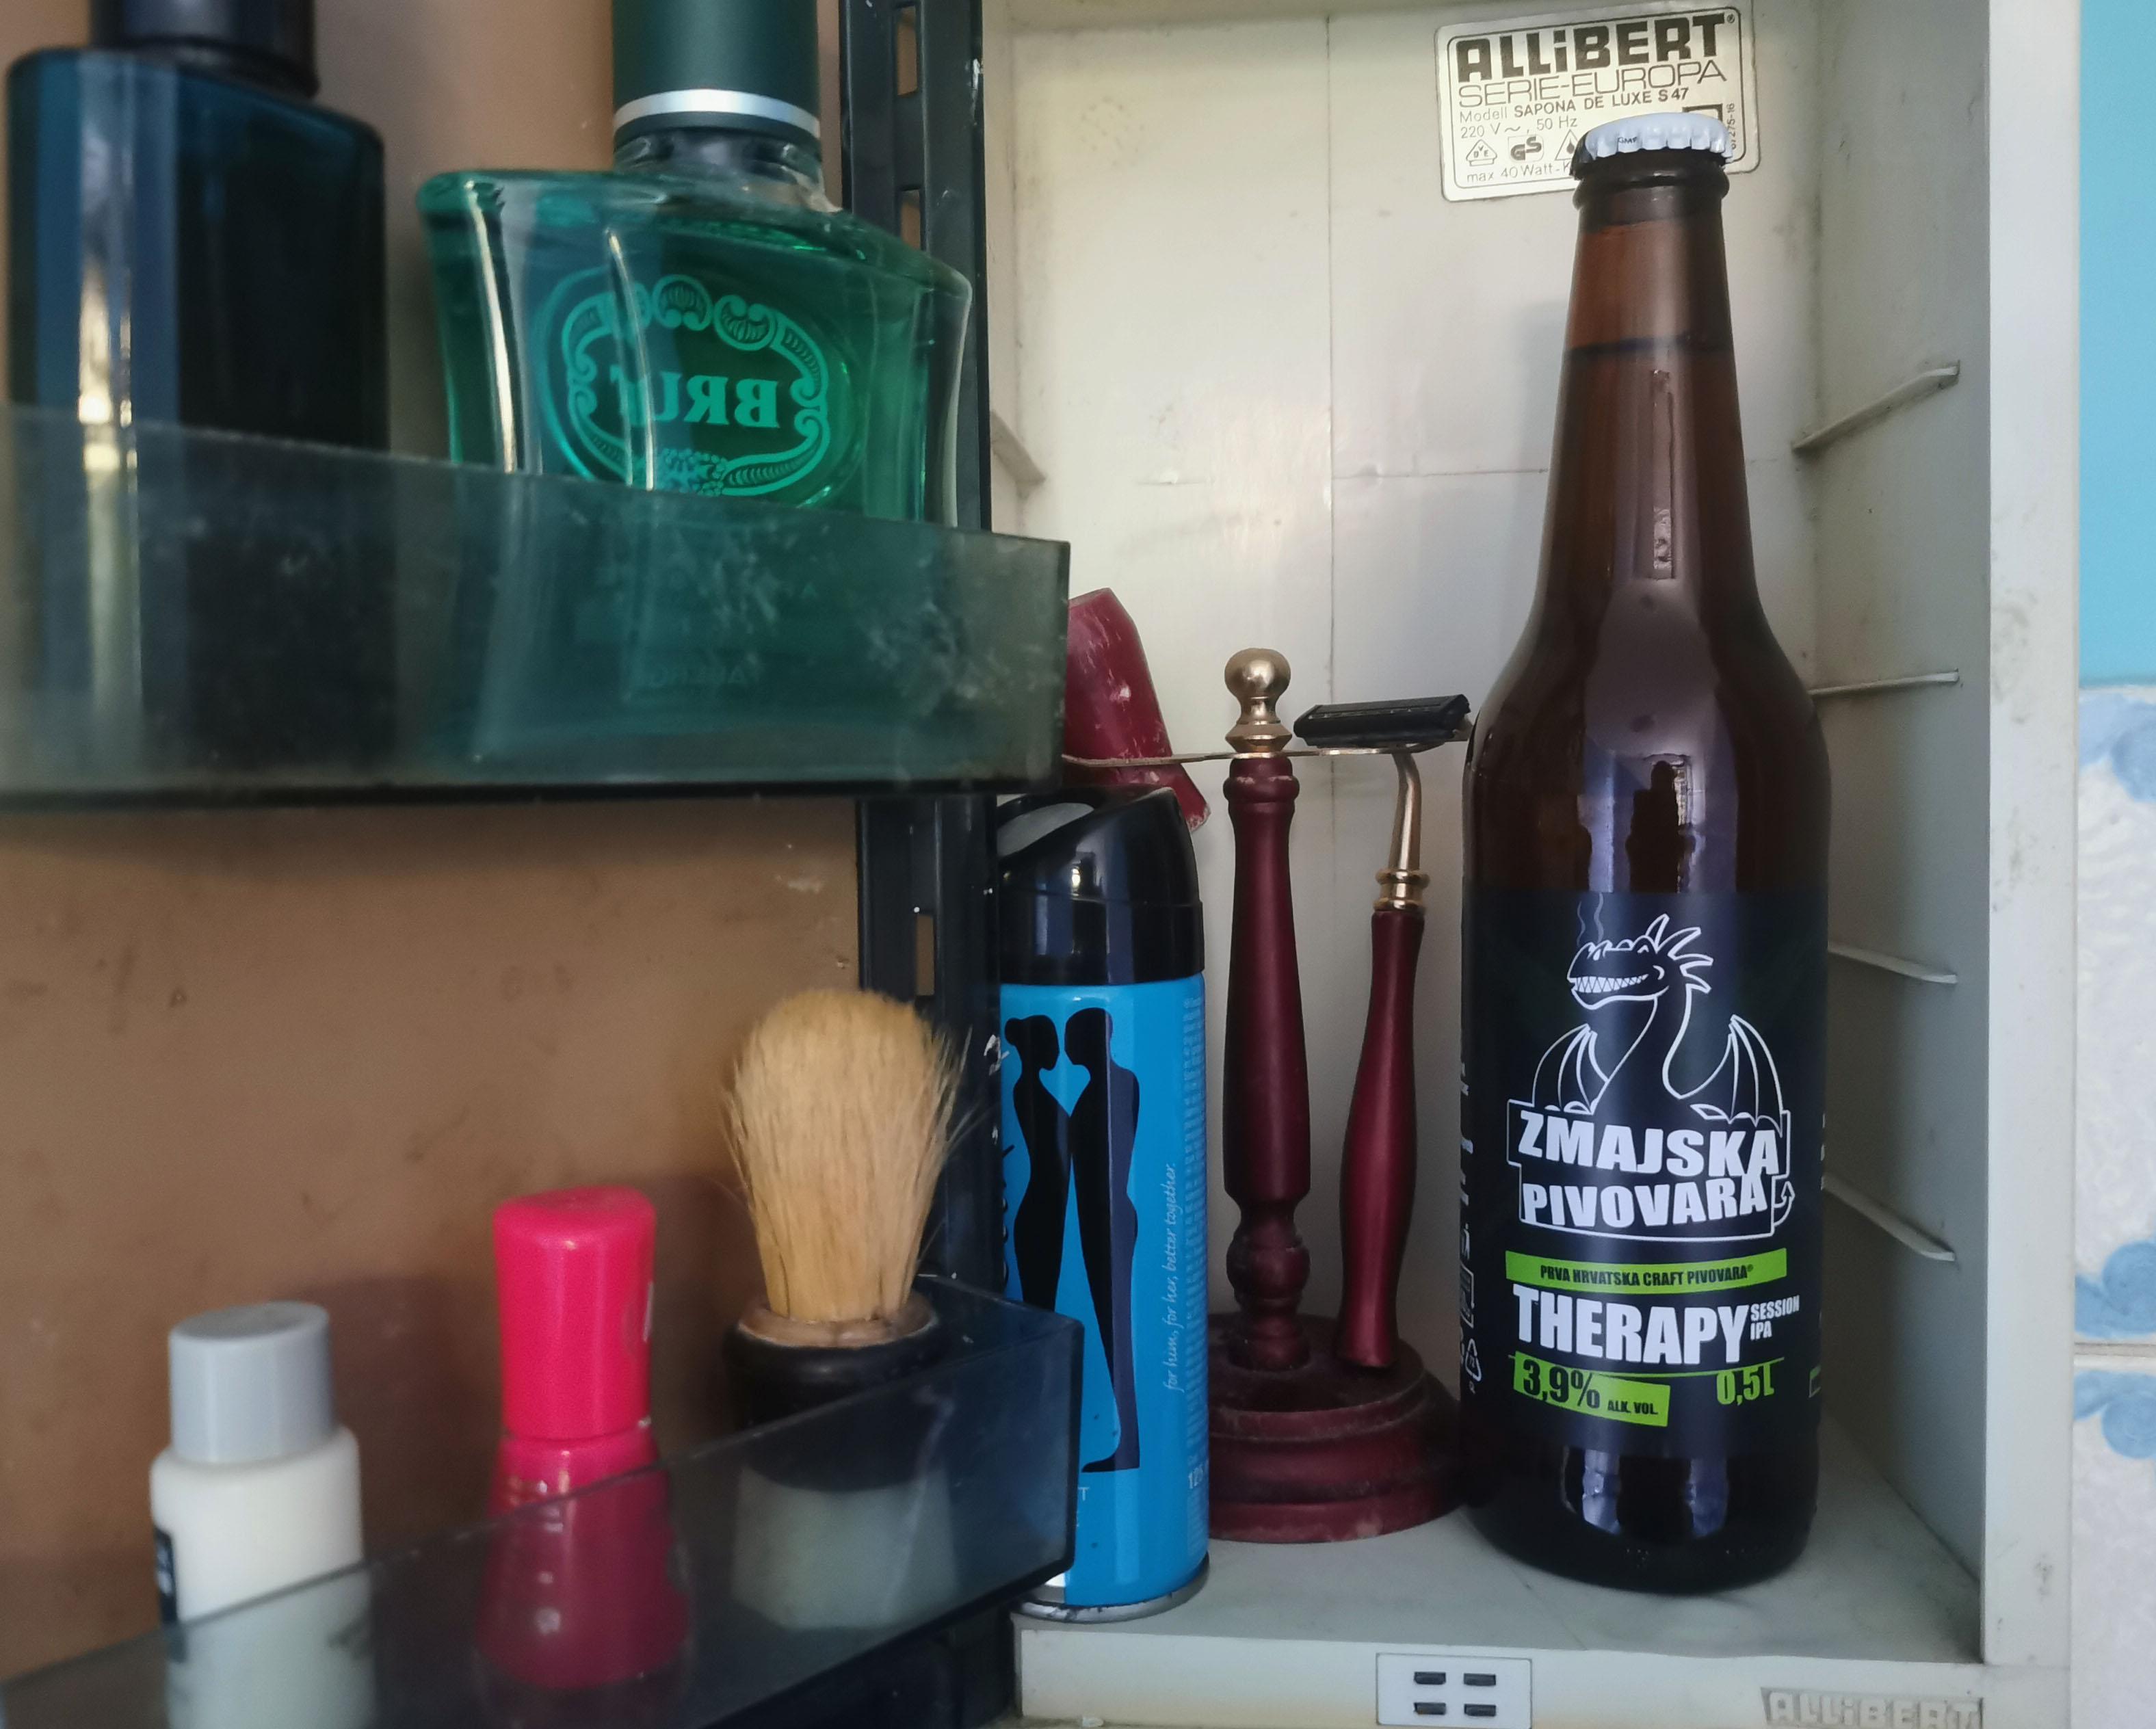 zmajska pivovara therapy